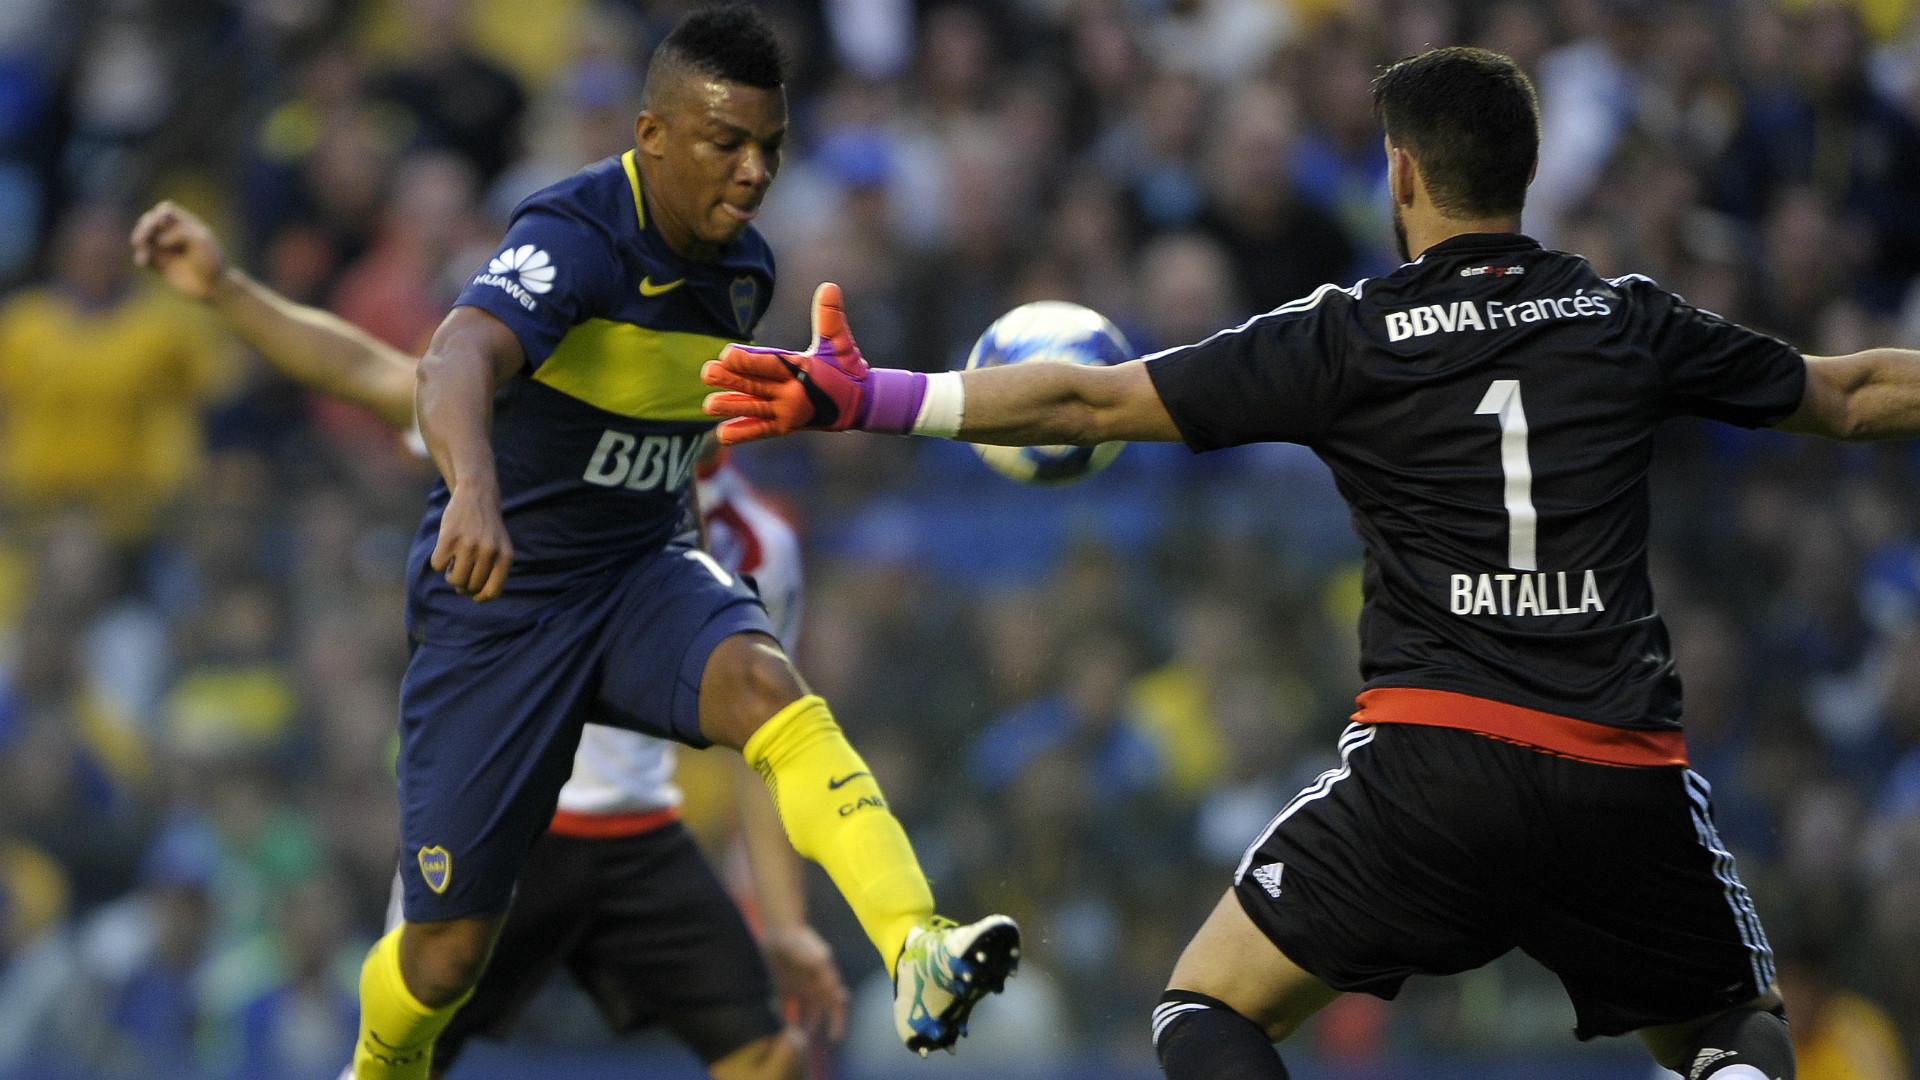 Frank Fabra Augusto Batalla Boca Juniors Primera Division Argentina 14052017